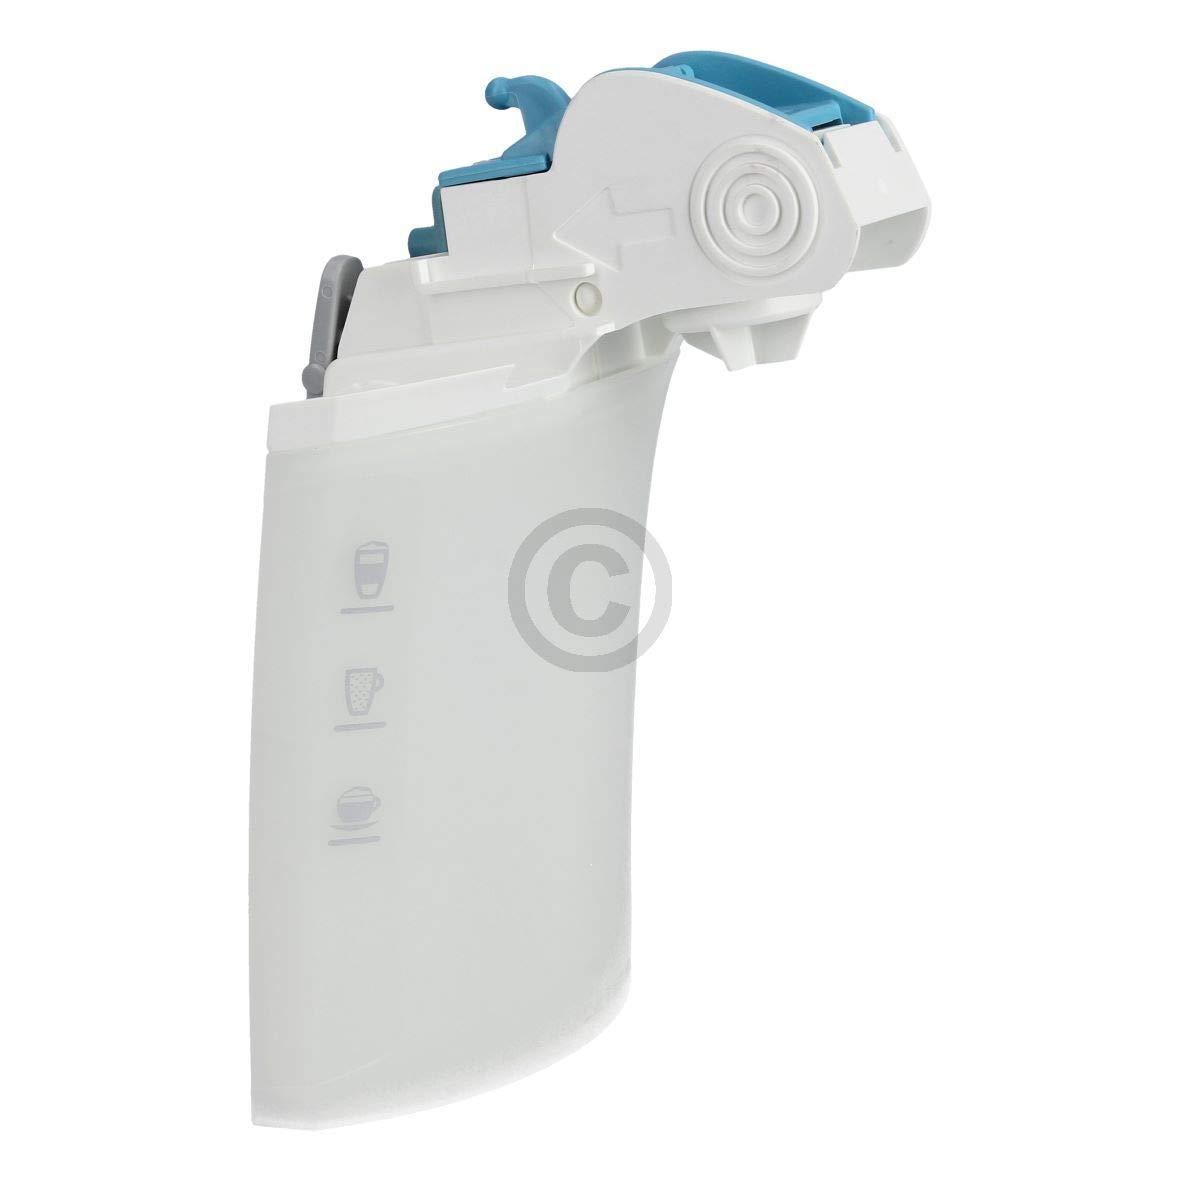 Philips CRP482 - Depósito de Leche para Senseo Latte Select ...